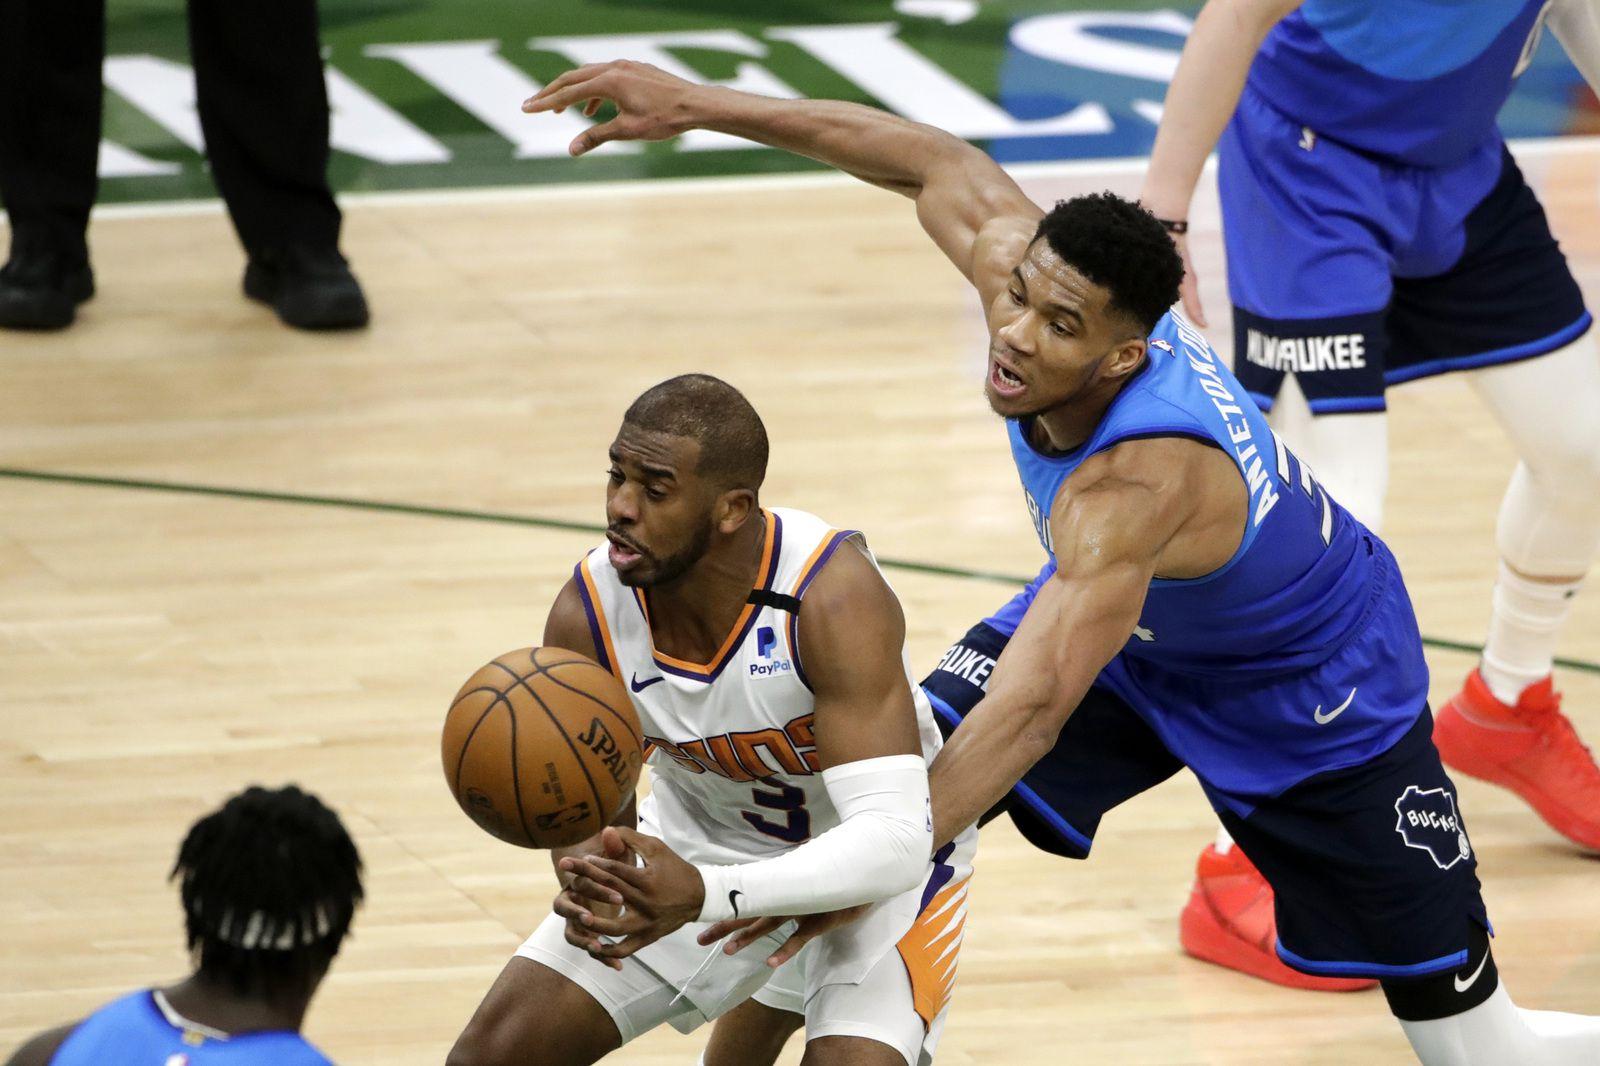 Finales NBA : tout dépendra de Giannis Antetokounmpo